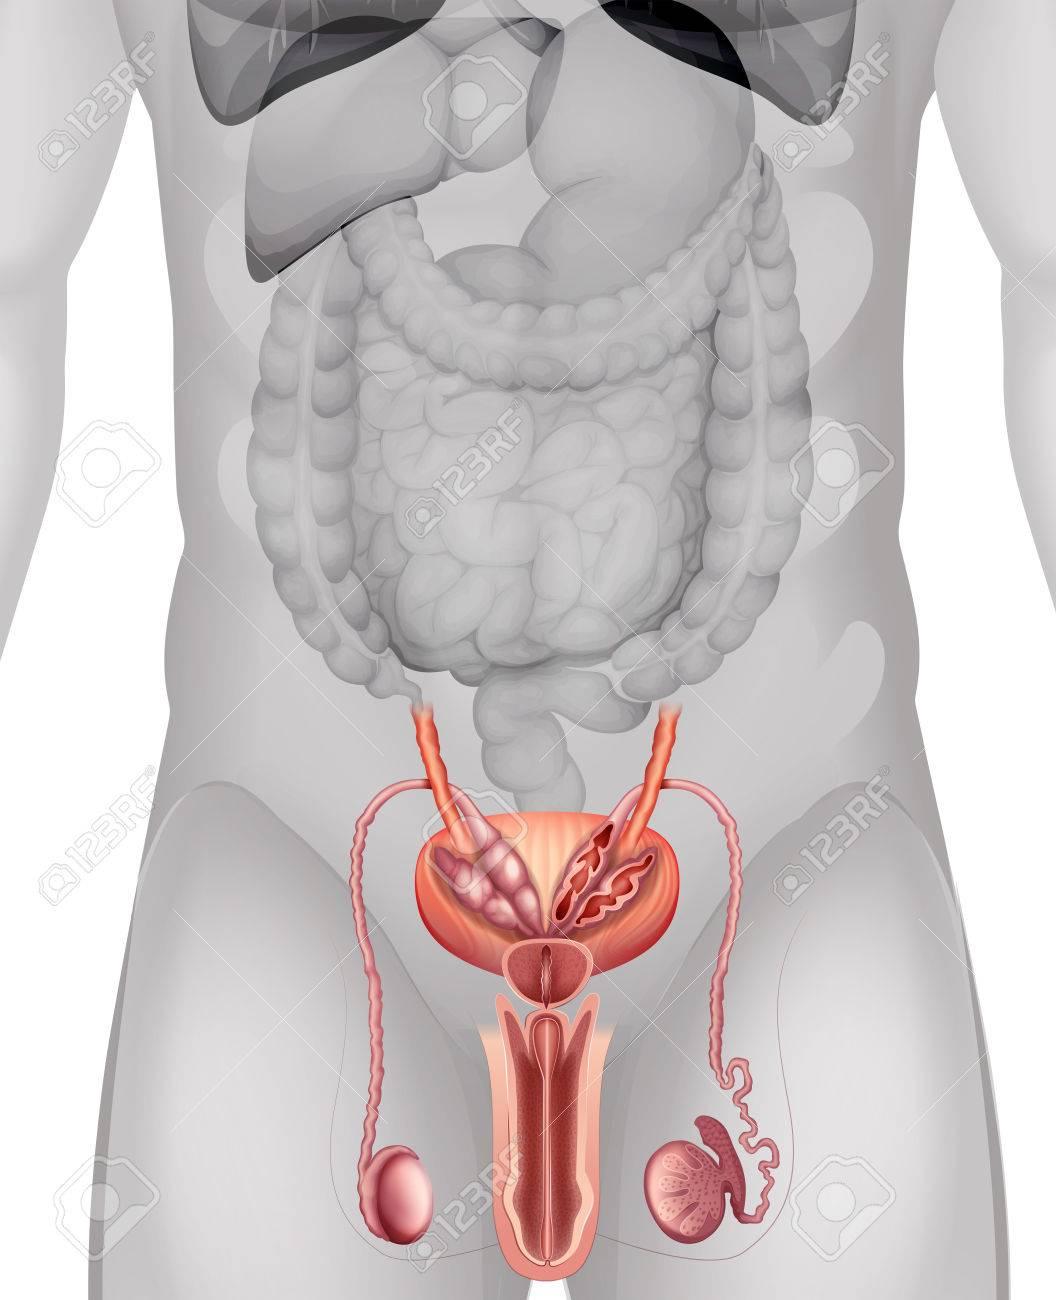 Diagrama De Los Genitales Masculinos En Detalle Ilustración ...